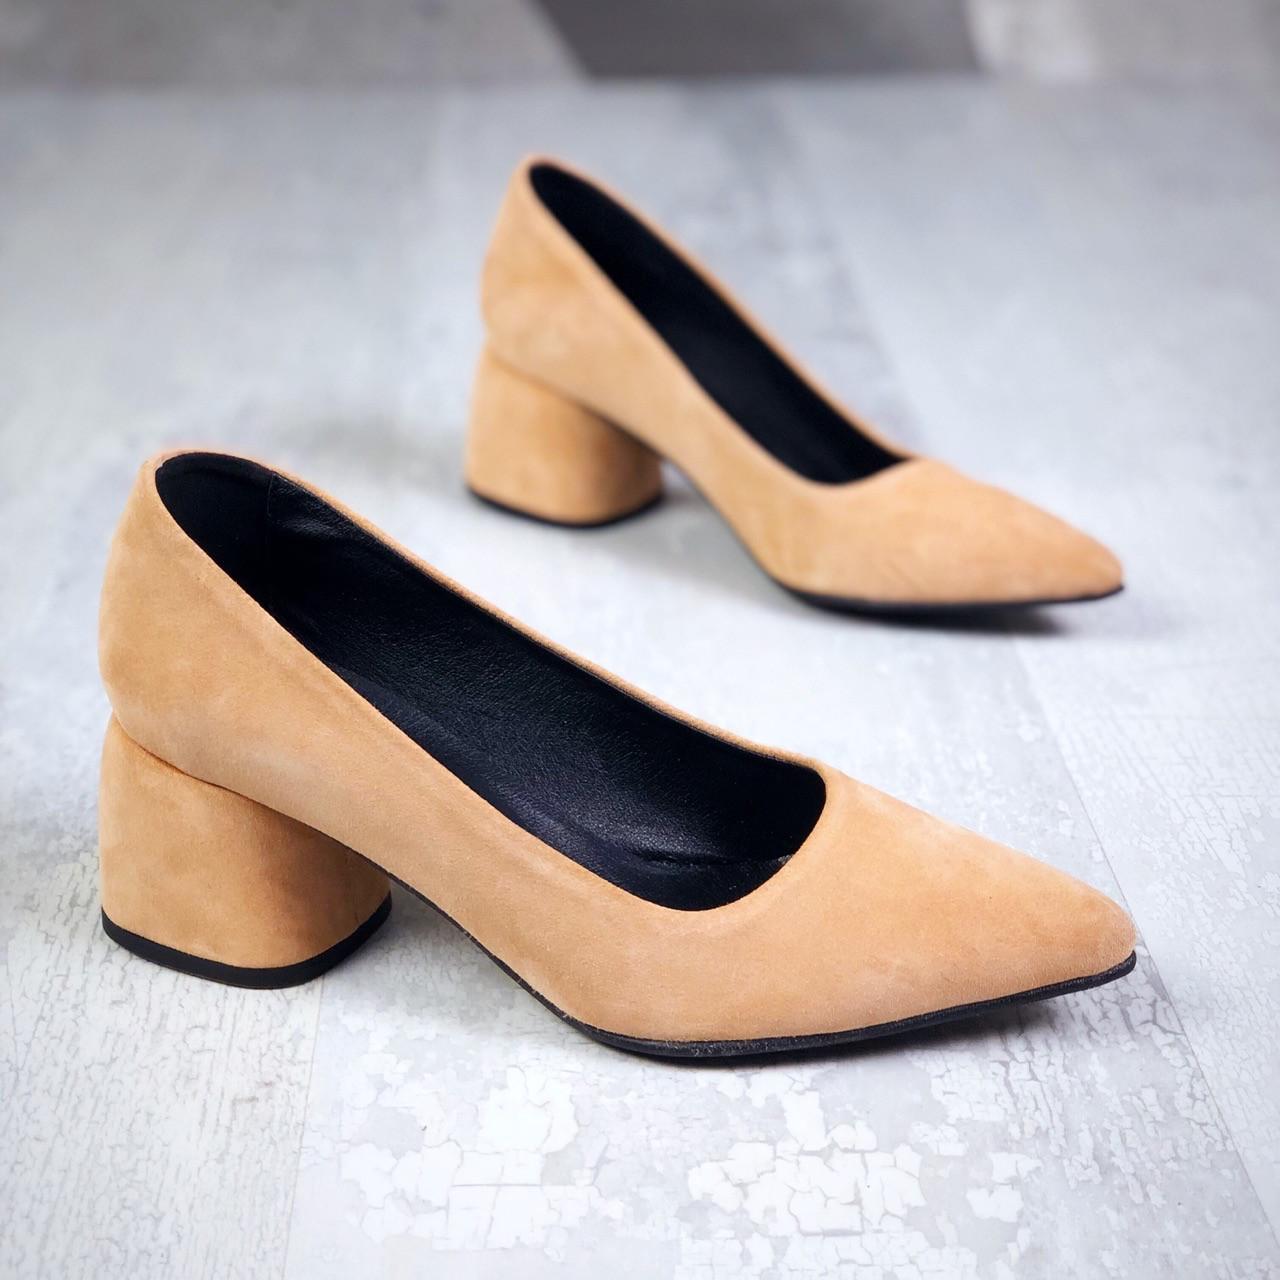 Шикарные замшевые туфли на каблучке 36-40 р персик